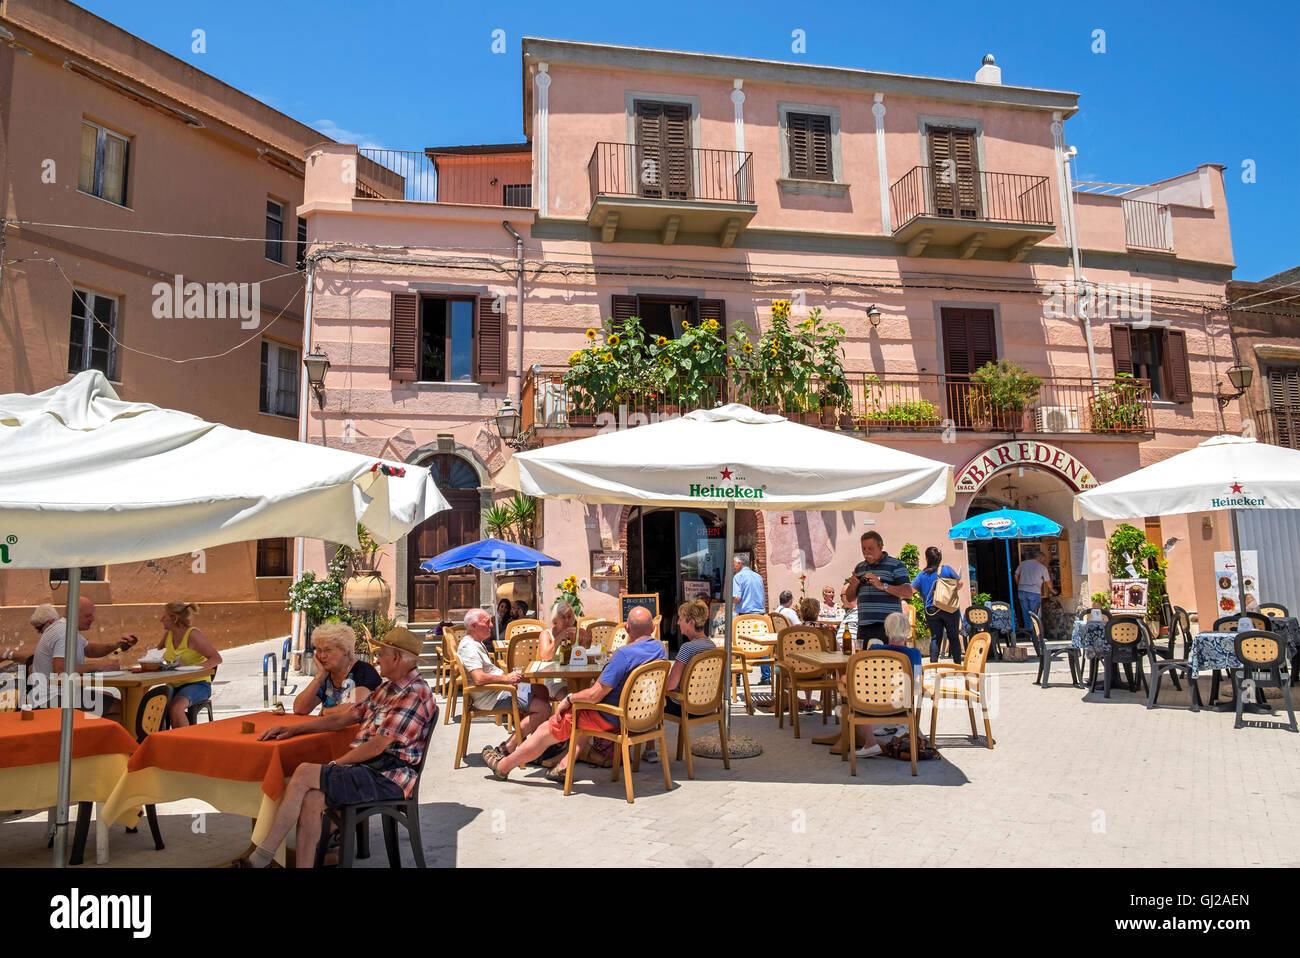 Am Dorfplatz von Forza d'Agro auf der Insel Sizilien, Italien Stockbild